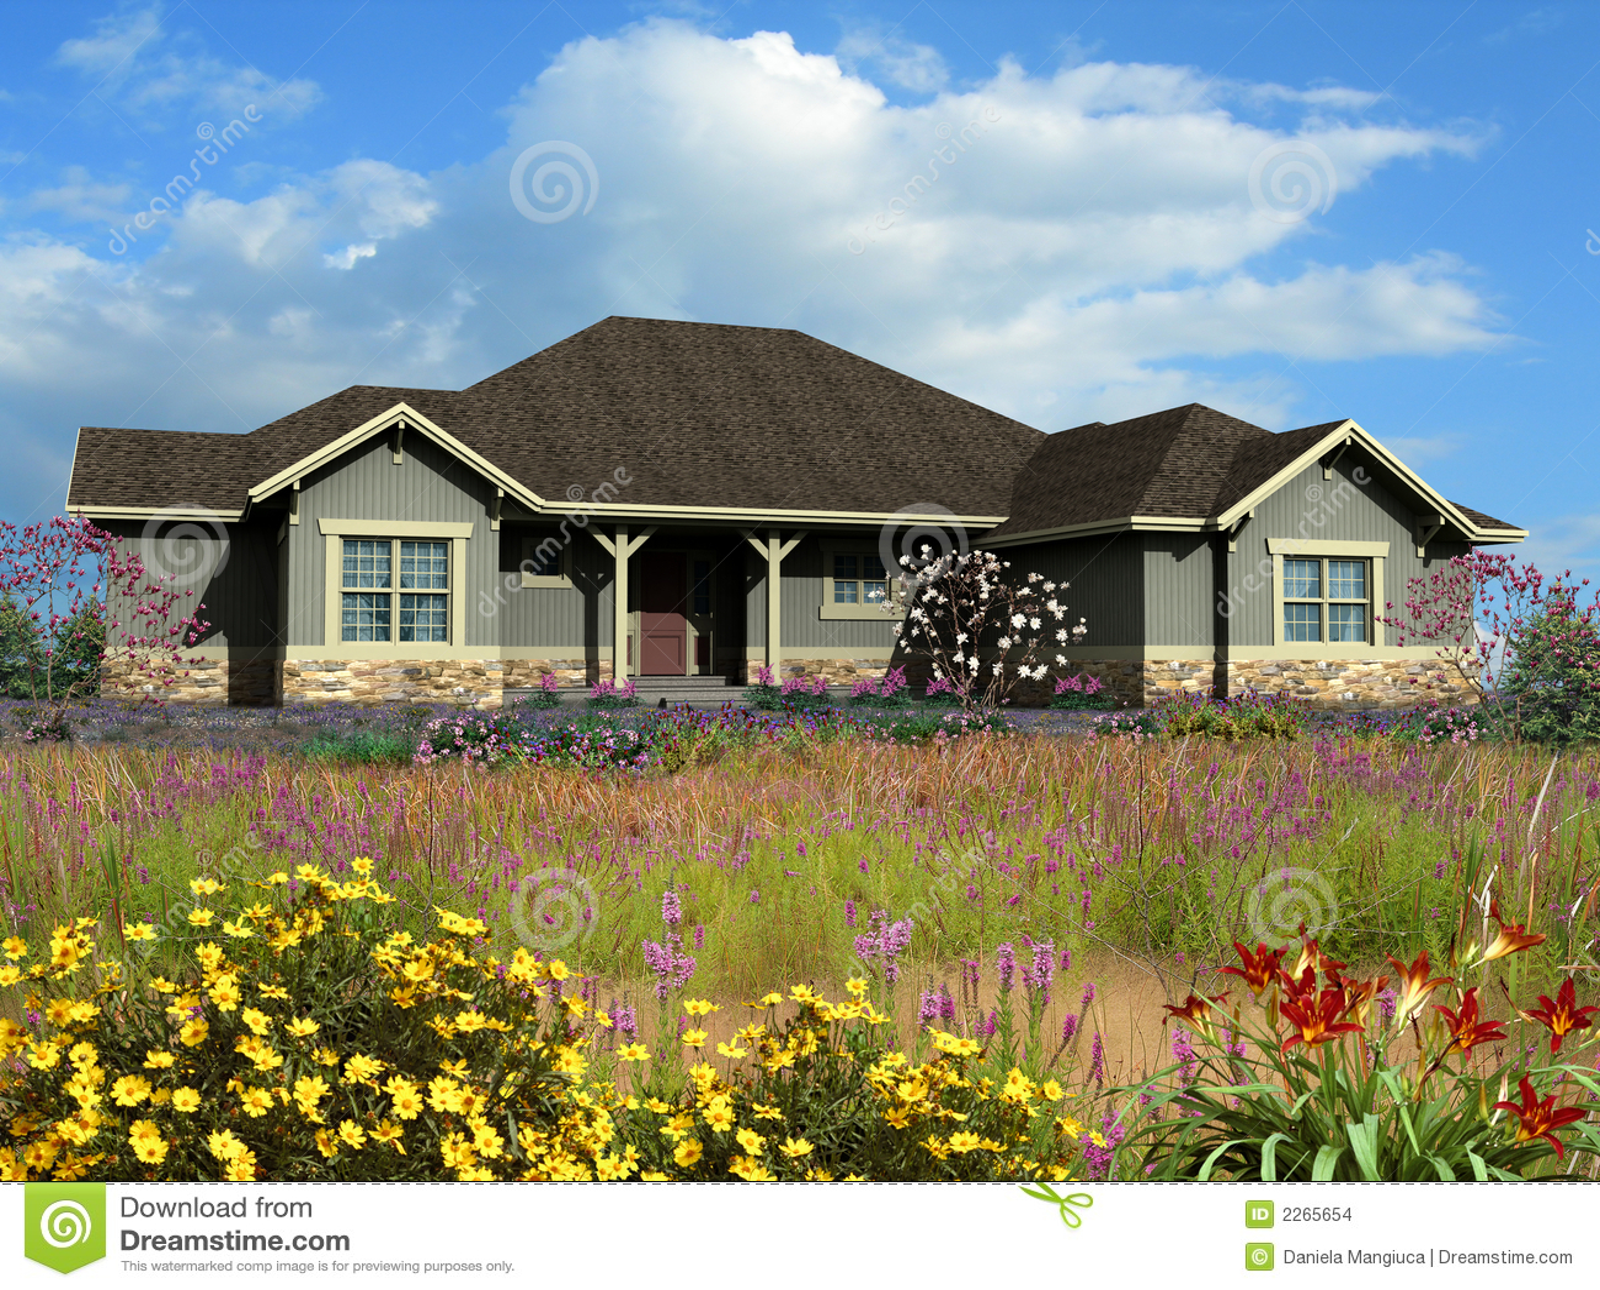 Top bonitas casas de rancho wallpapers - Modelo de casa modernas ...